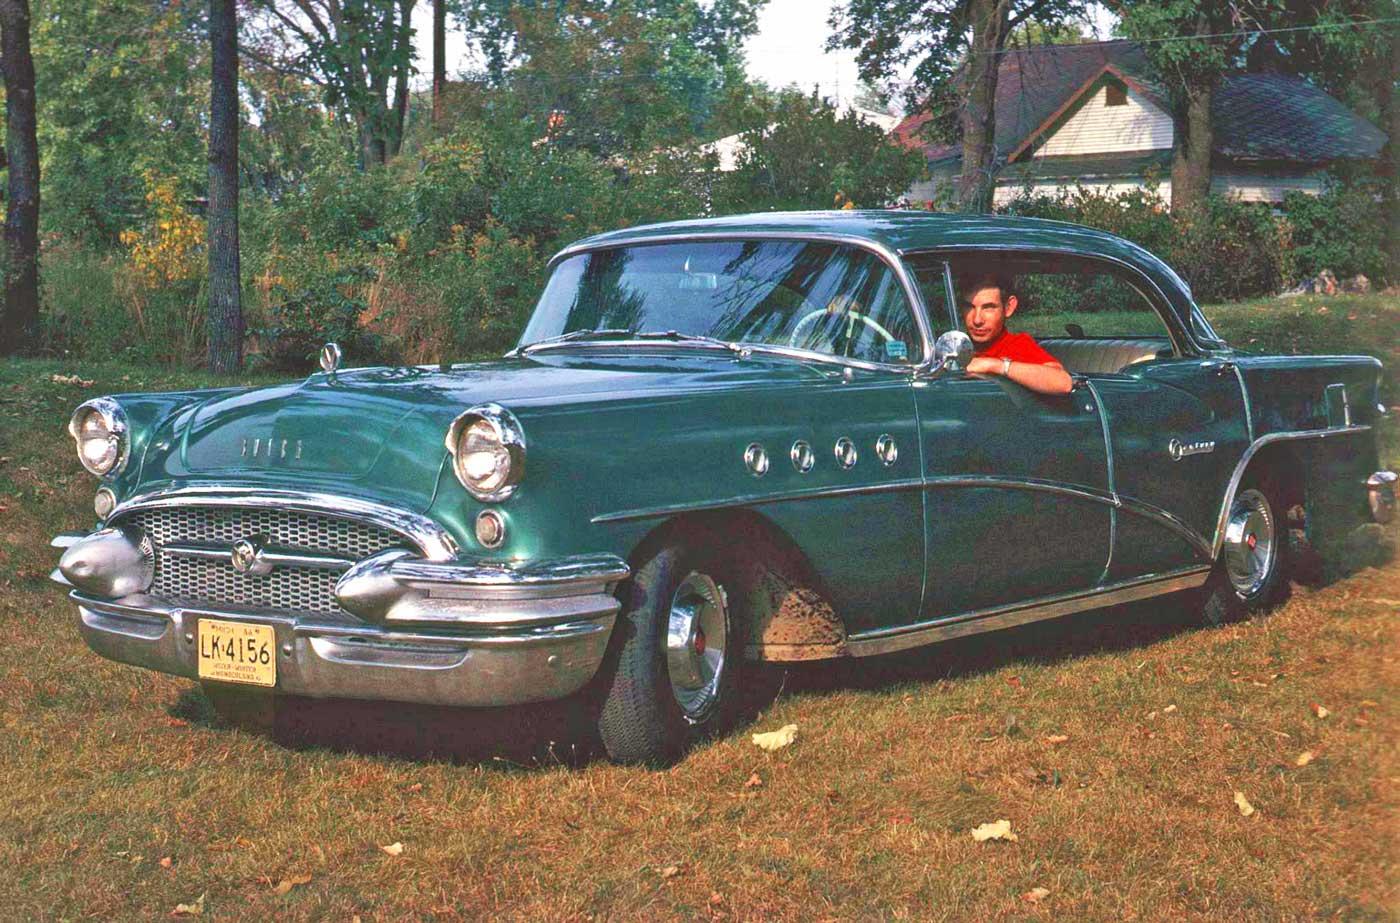 Mid-1950s-Buick-Four-Door-Hardtop-Mich.-